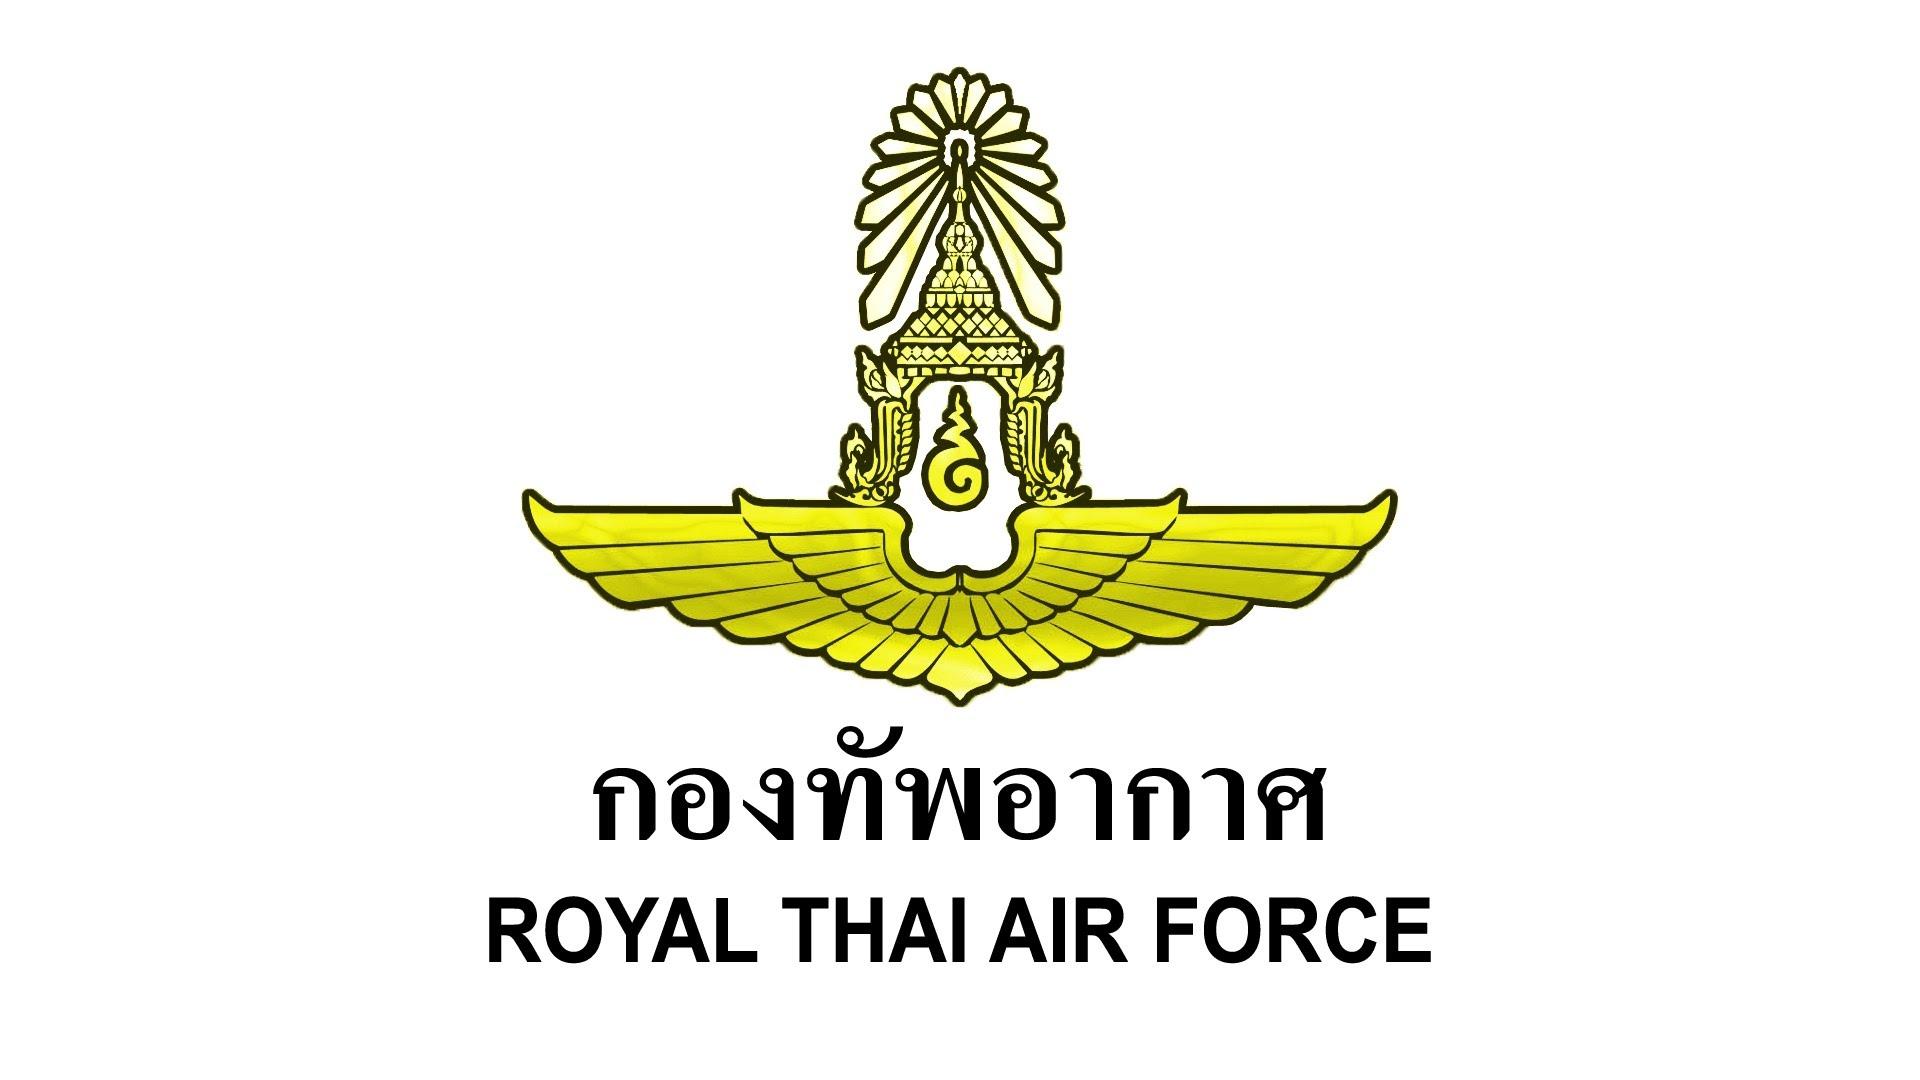 #แนวข้อสอบ กองทัพอากาศ #นายทหารกิจการอาเซียน, #นายทหารประกันคุณภาพการศึกษา อัพเดตล่าสุด 2560